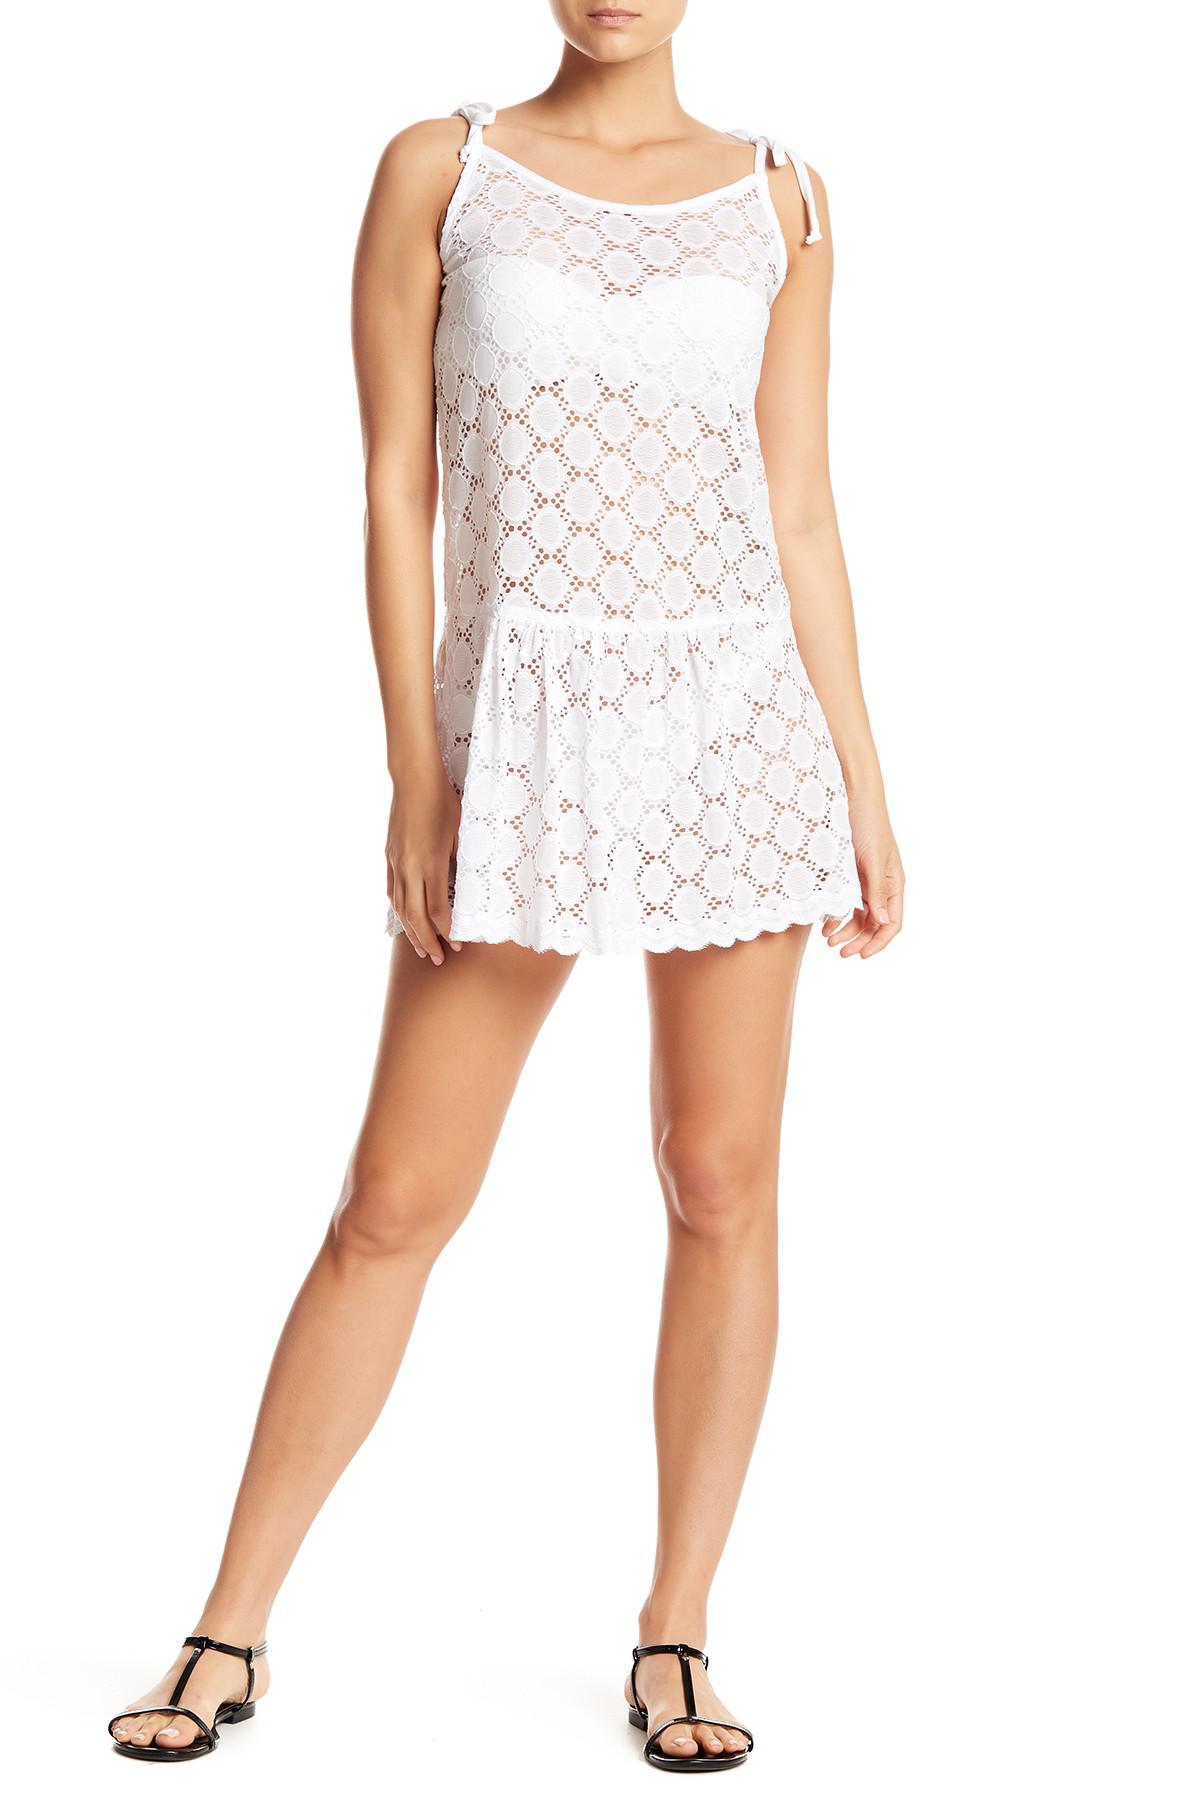 fdaa5d56f5 Lyst - J Valdi Drop Ruffle Tie Cover-up Dress in White